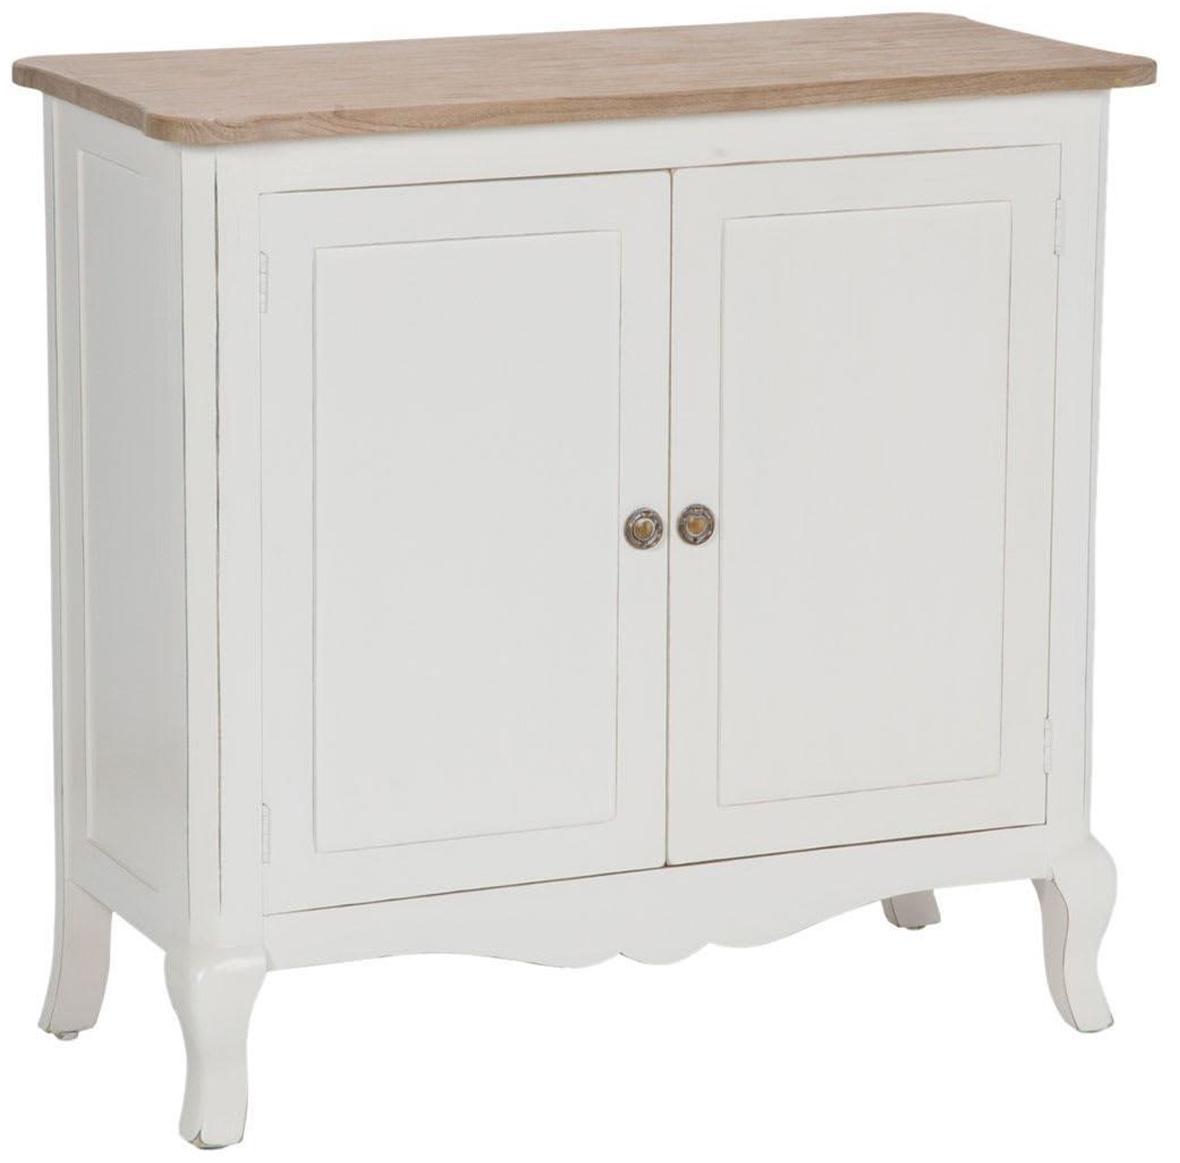 Mueble auxiliar artesanal Marsella, Blanco, marrón, An 96 x Al 91 cm